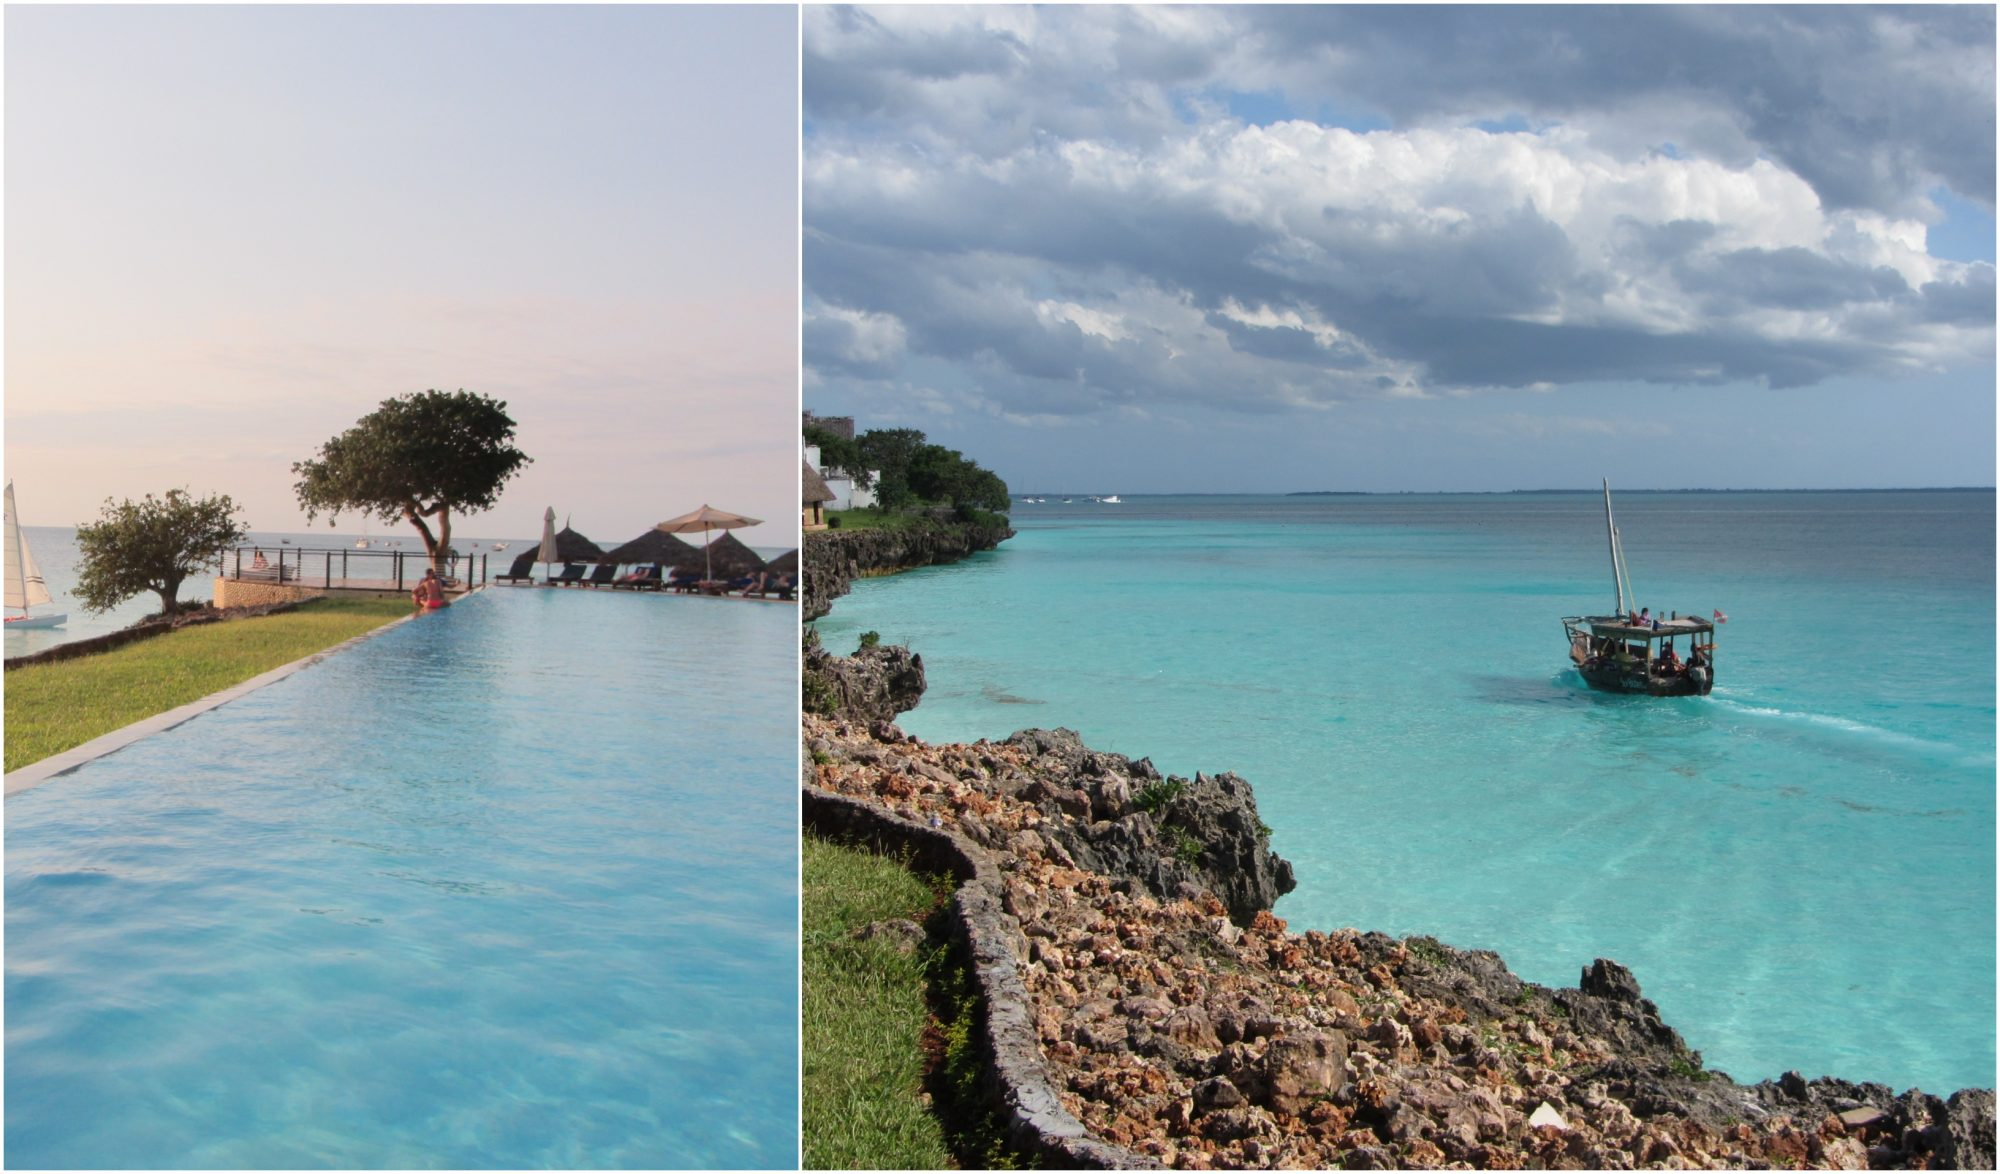 To bilder fra Zanzibar: bassengkanten og et bilde av krystallblått hav mot skyet himmel.